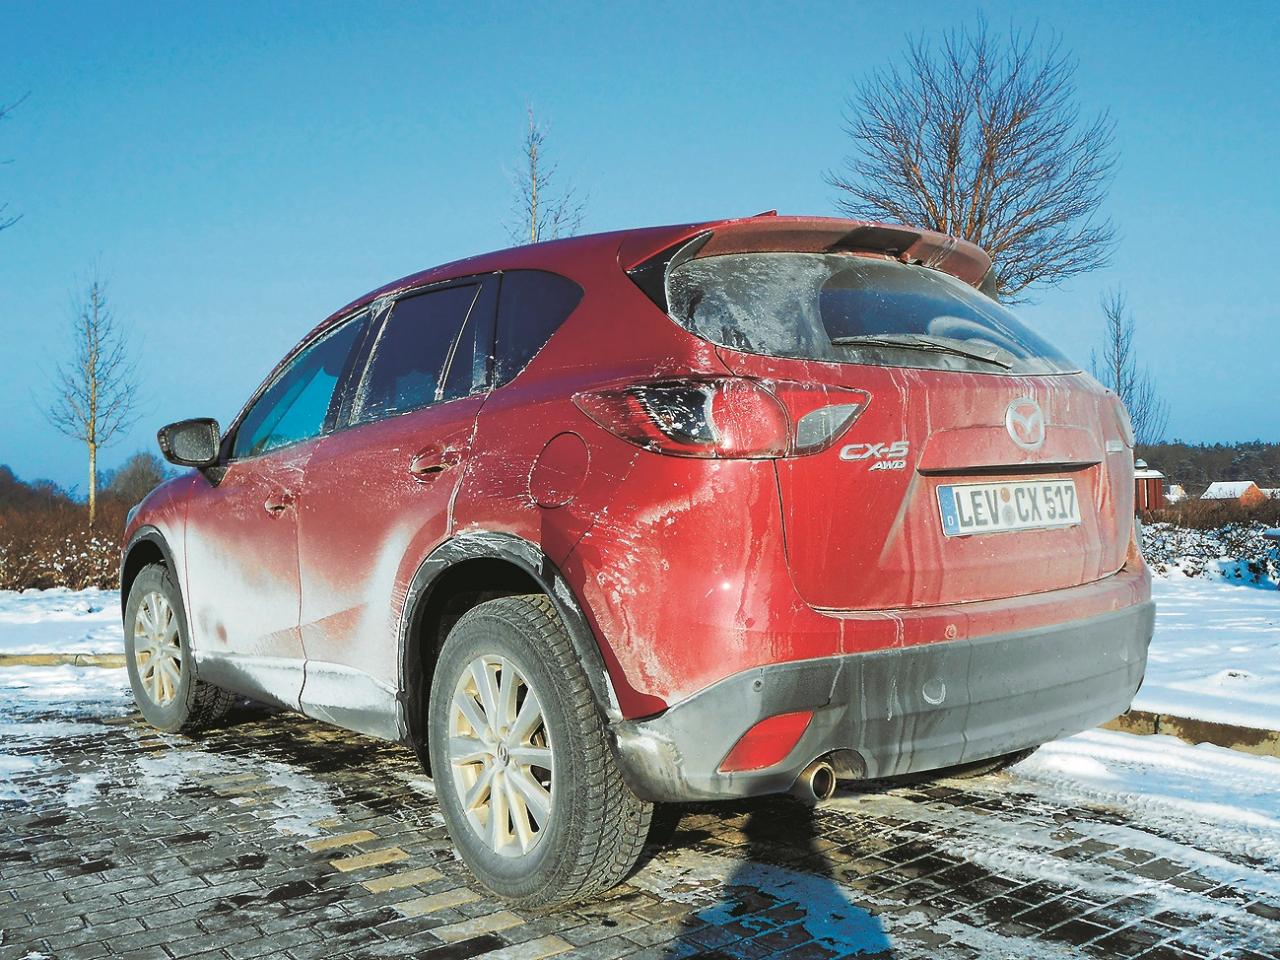 Garā distance Somijā: izturības testā CX-5 tas bija īsts izaicinājums, ar kuru tas tika galā bez kurnēšanas.